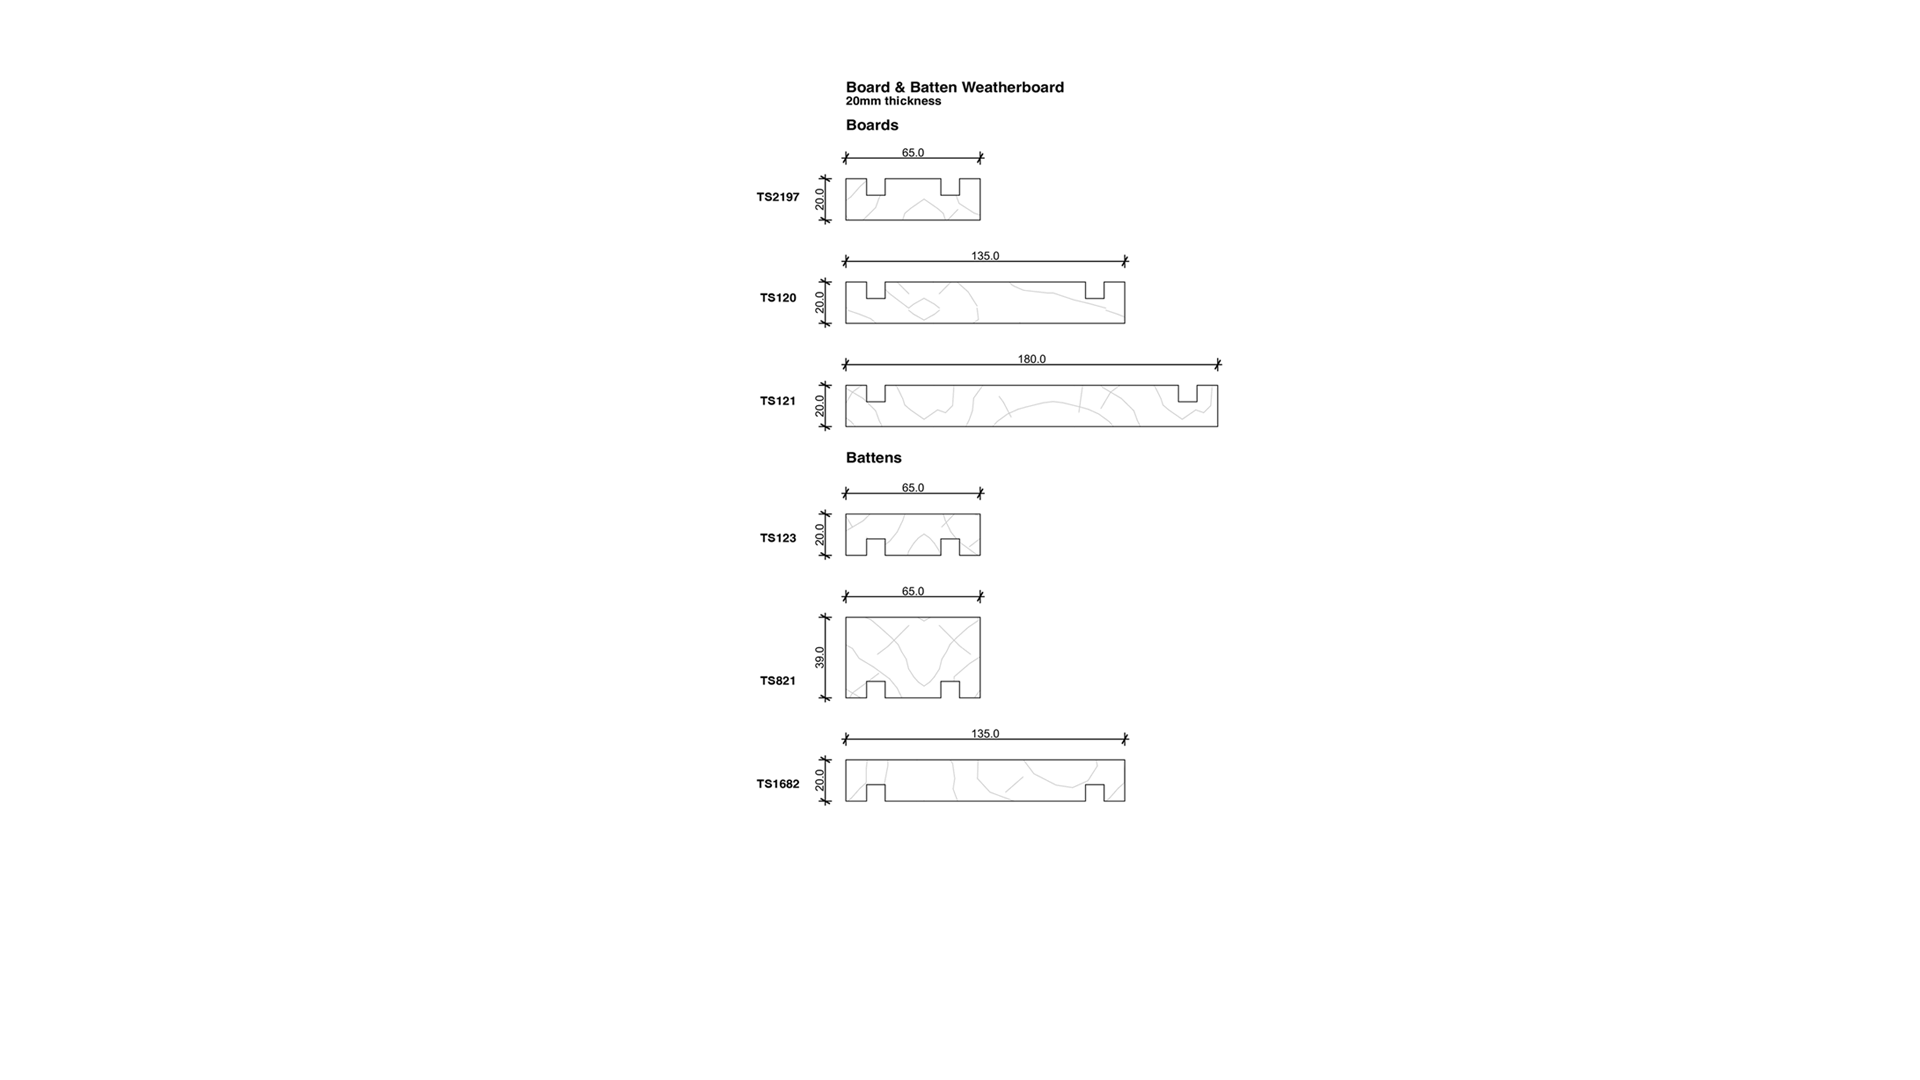 TS-Profiles_weatherboard-board-and-batten